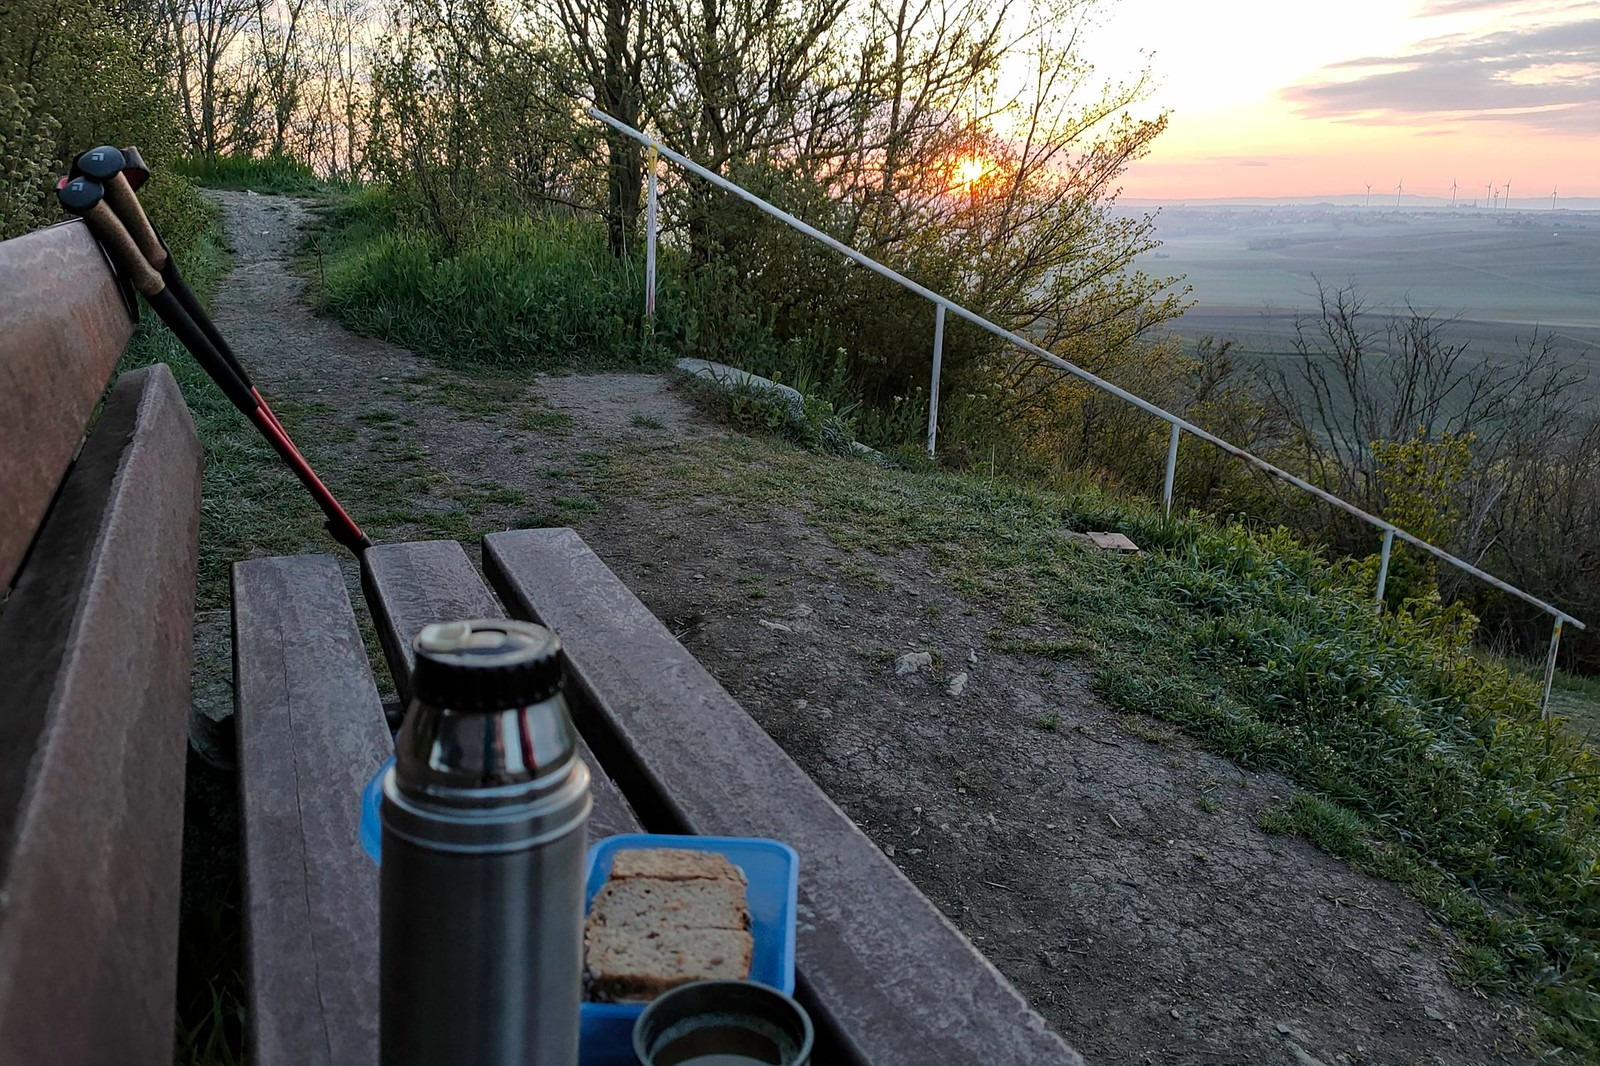 Brotzeit und Kaffee bei Sonnenaufgang auf dem Petersberg